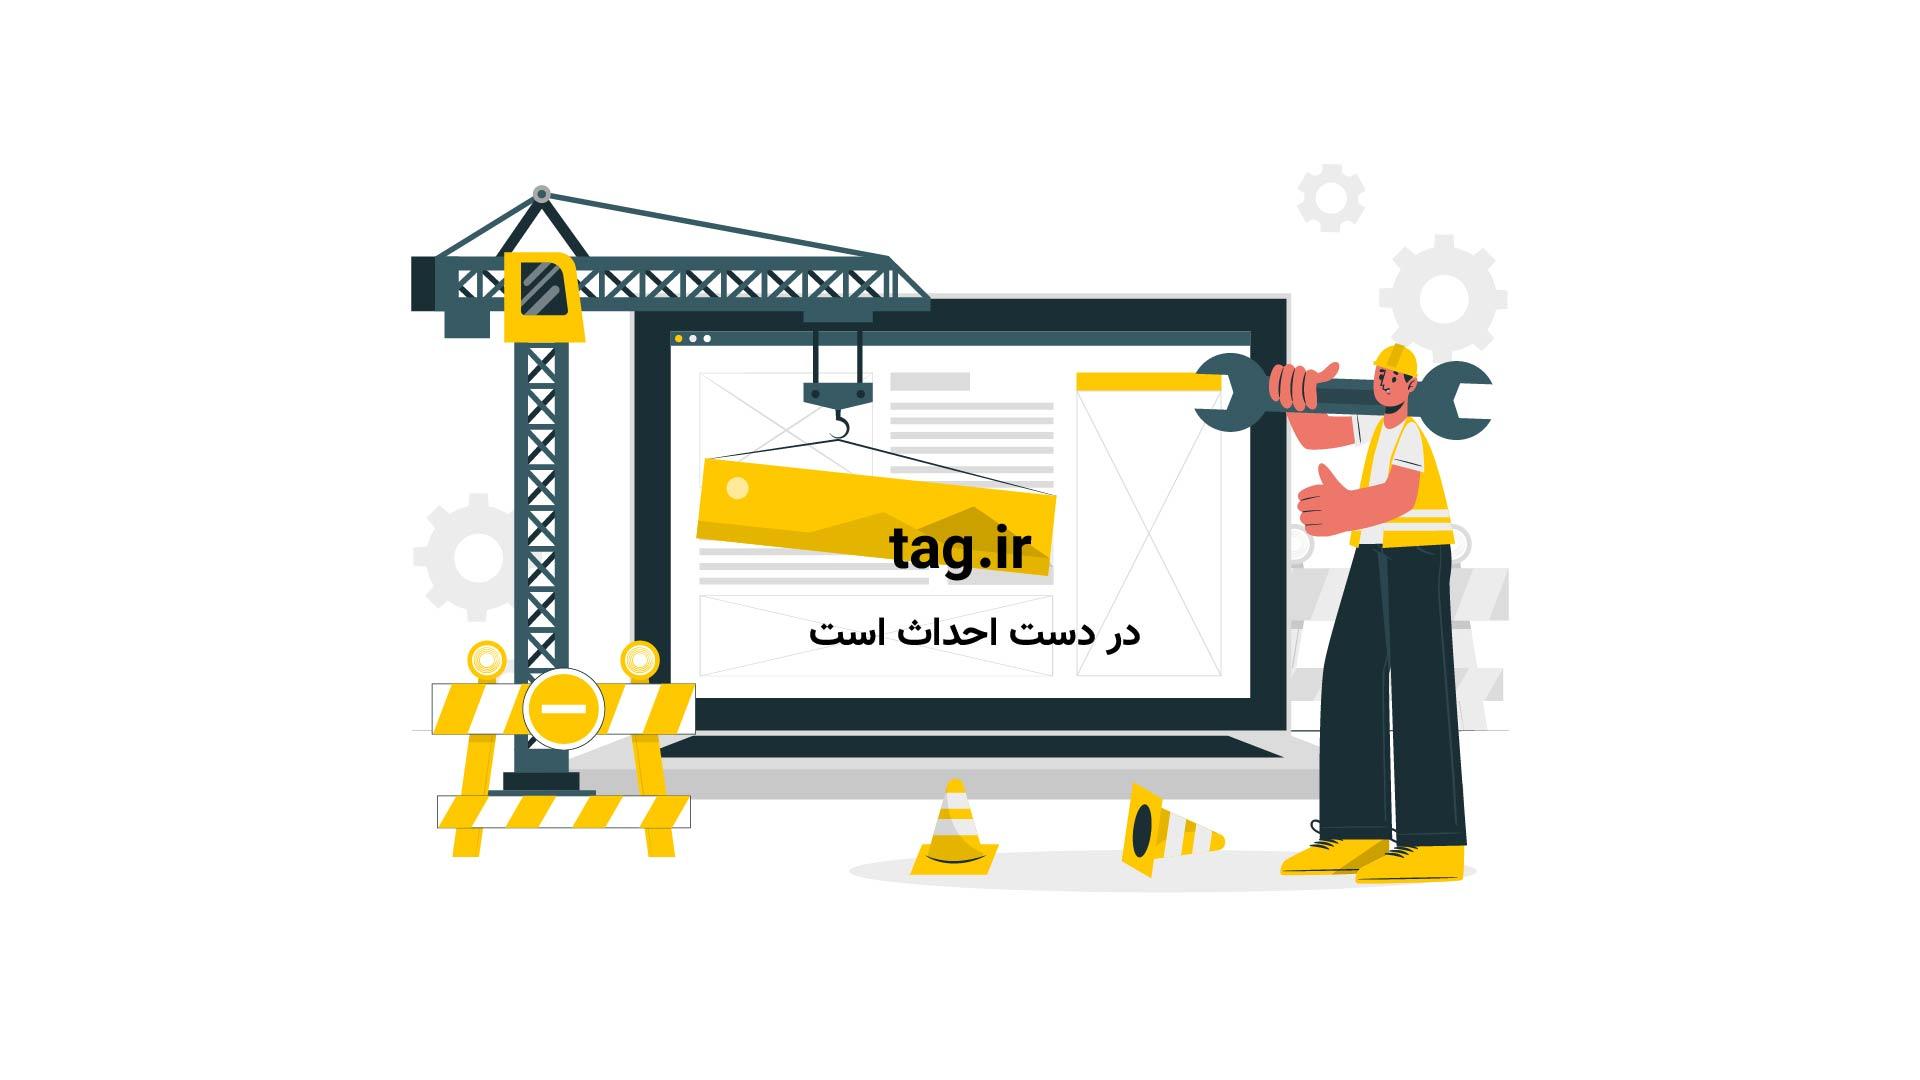 سخنرانی روحانی در سازمان ملل | تگ